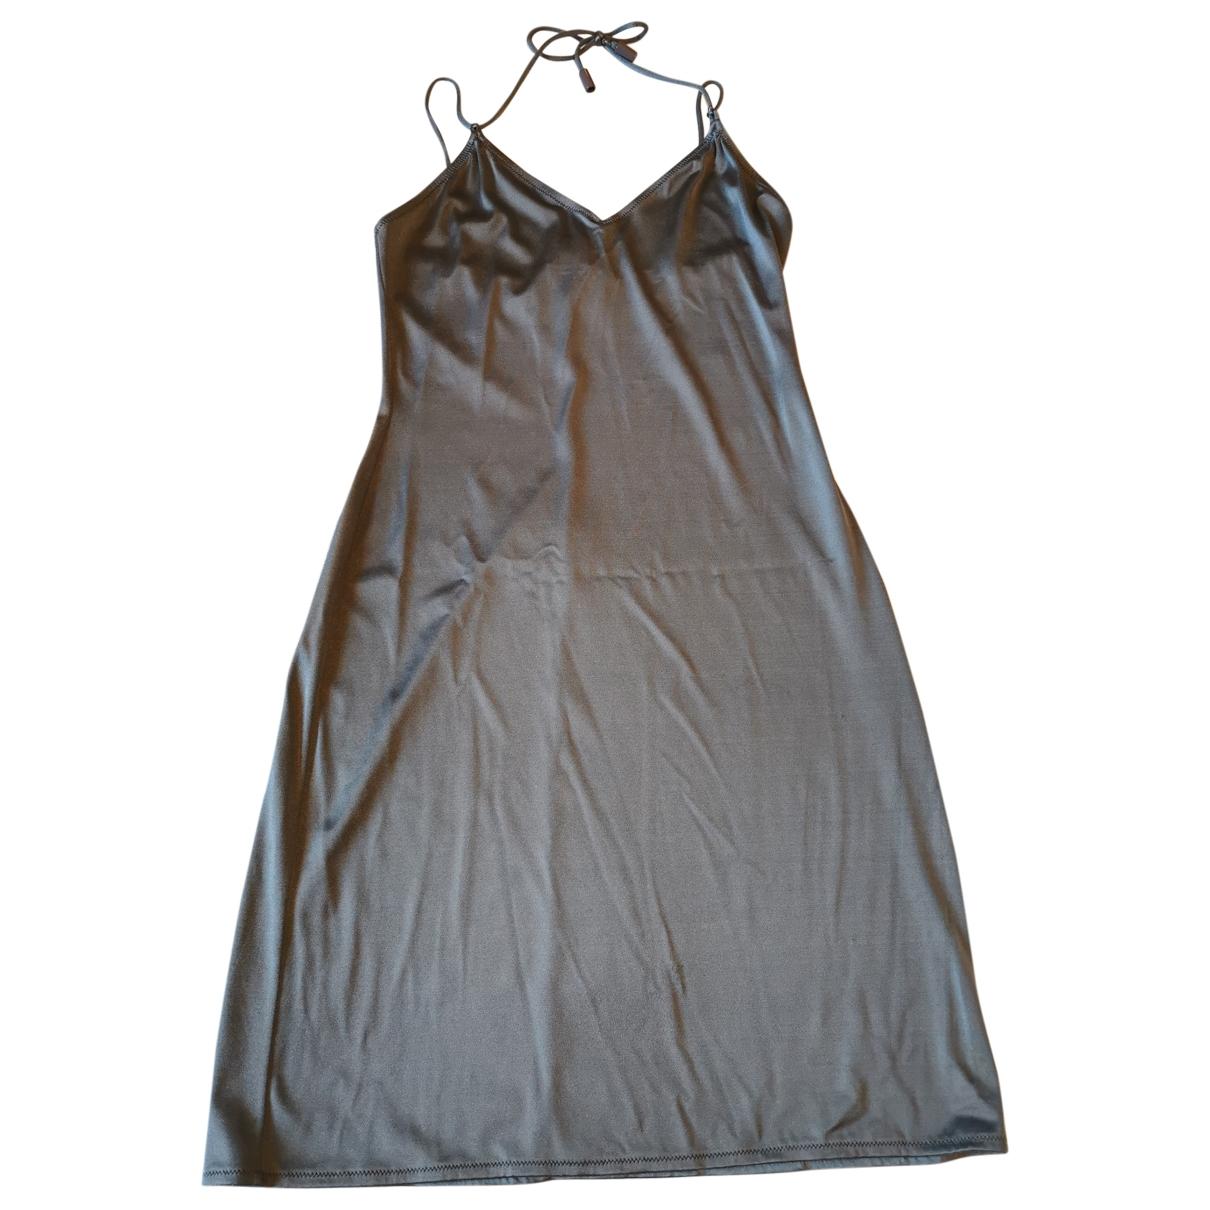 Dolce & Gabbana \N Kleid in  Grau Polyester